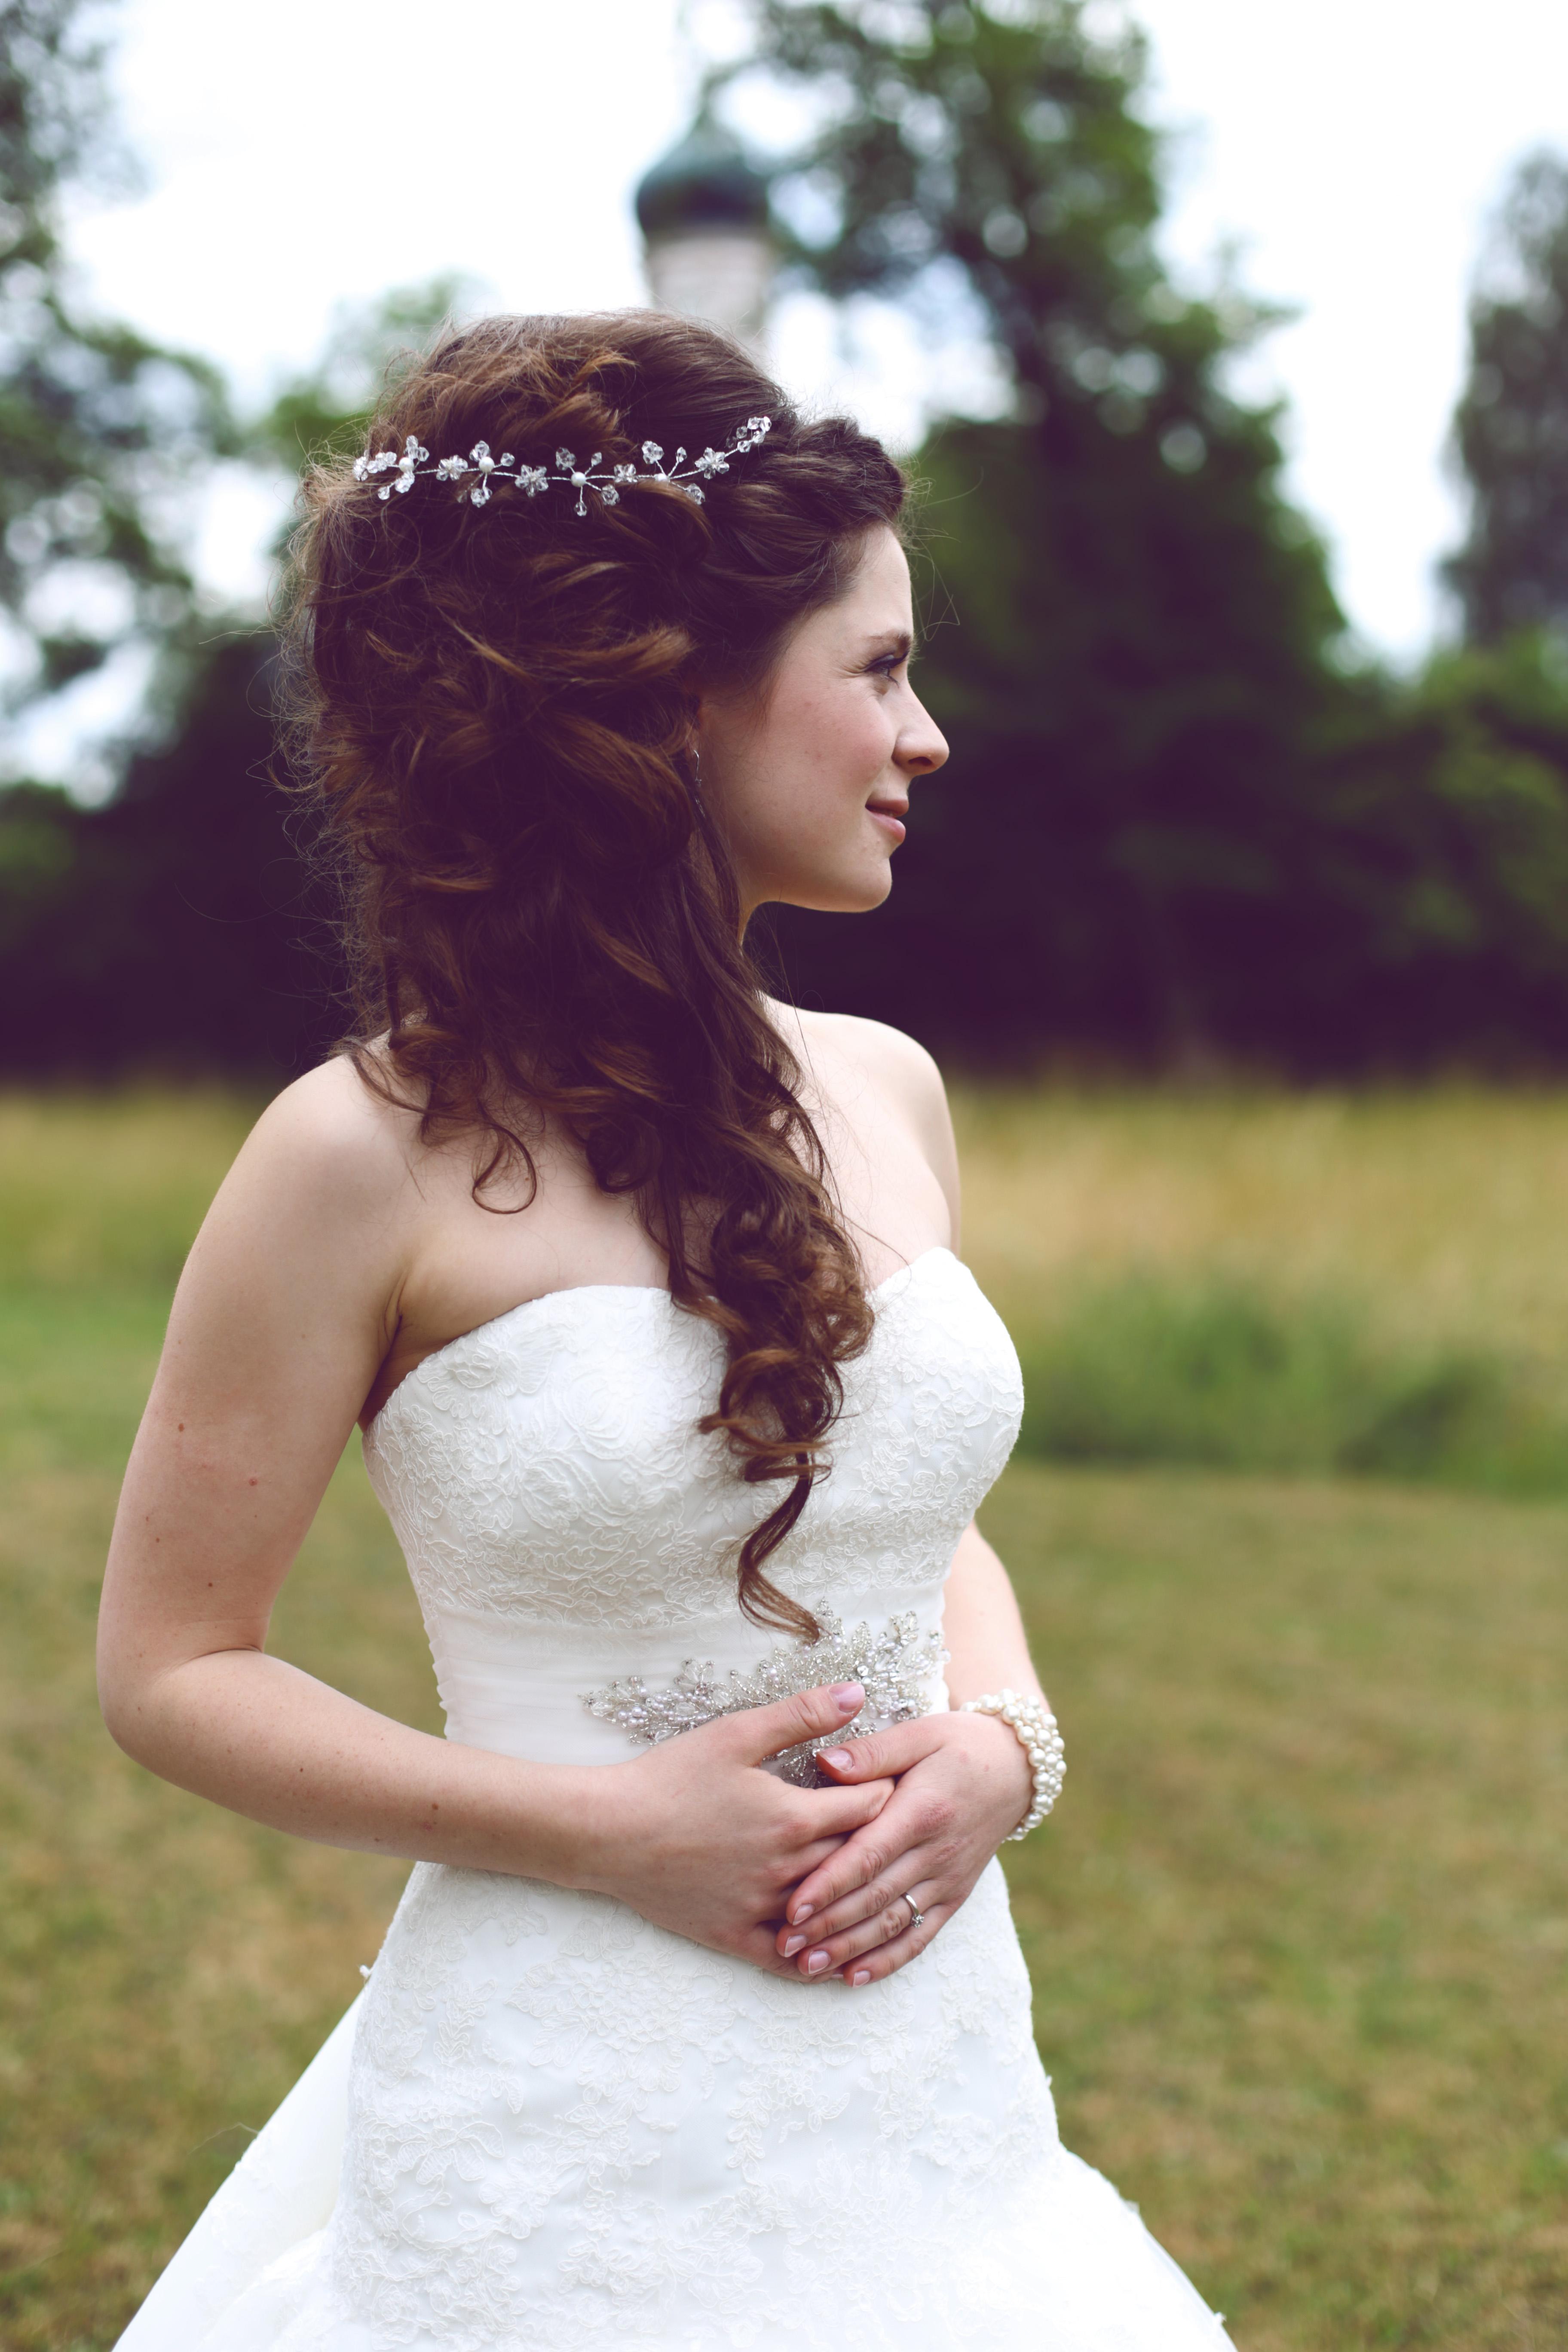 Brautfrisur Offen Mit Uppigen Locken Friseurmeisterin Und Make Up